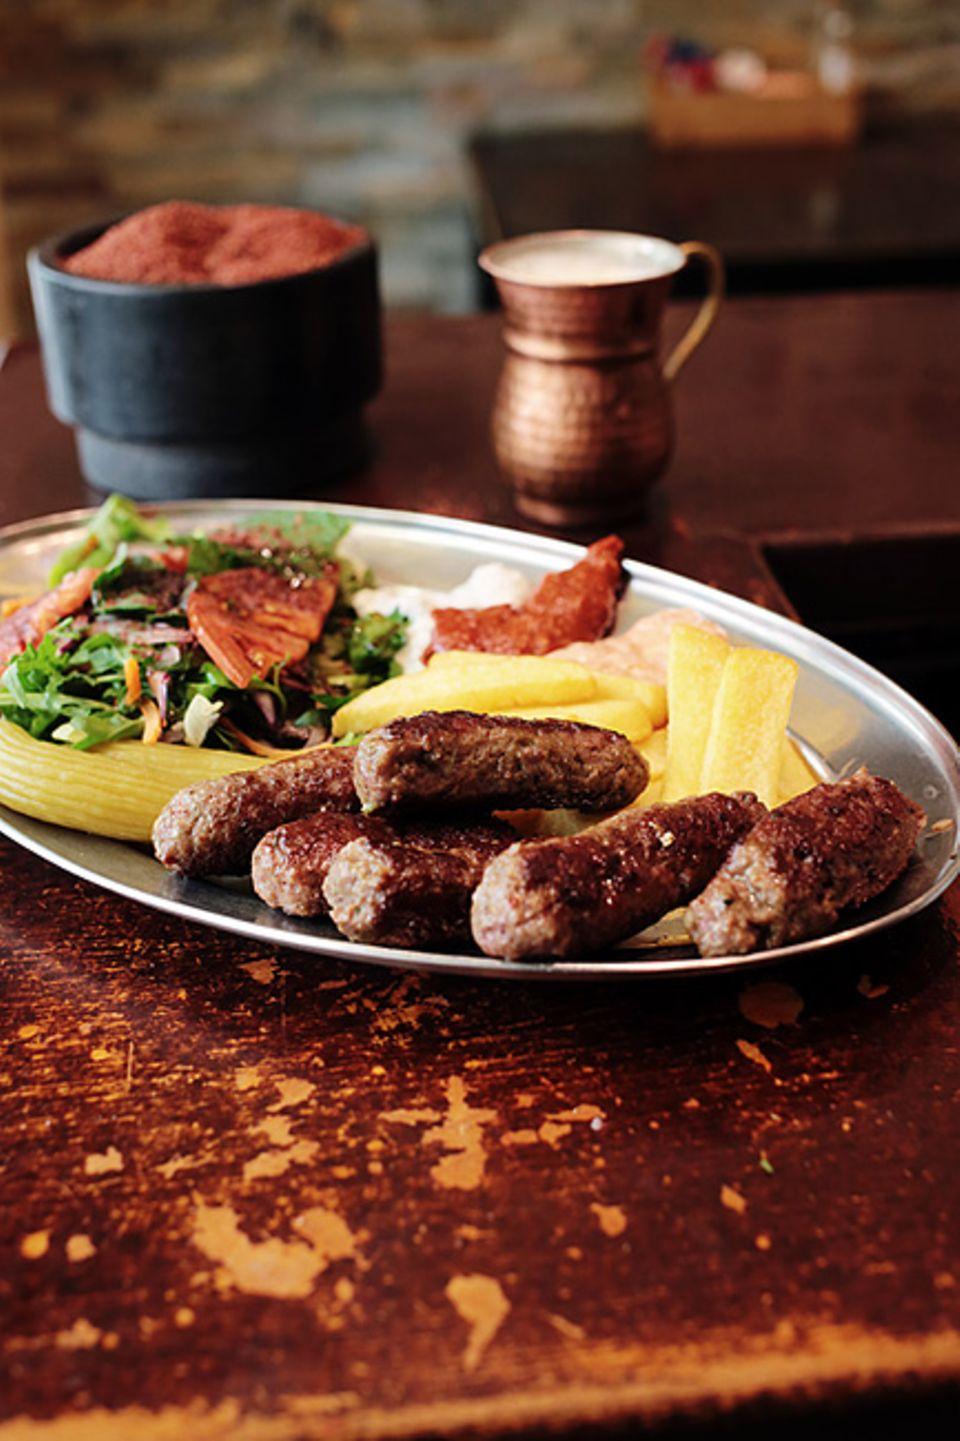 Giesing: Für eine türkische Teigtasche voller Köstlichkeiten stellen sich die Münchner gern in die nahezu immer vorhandene Schlange vor dem Türkitsch